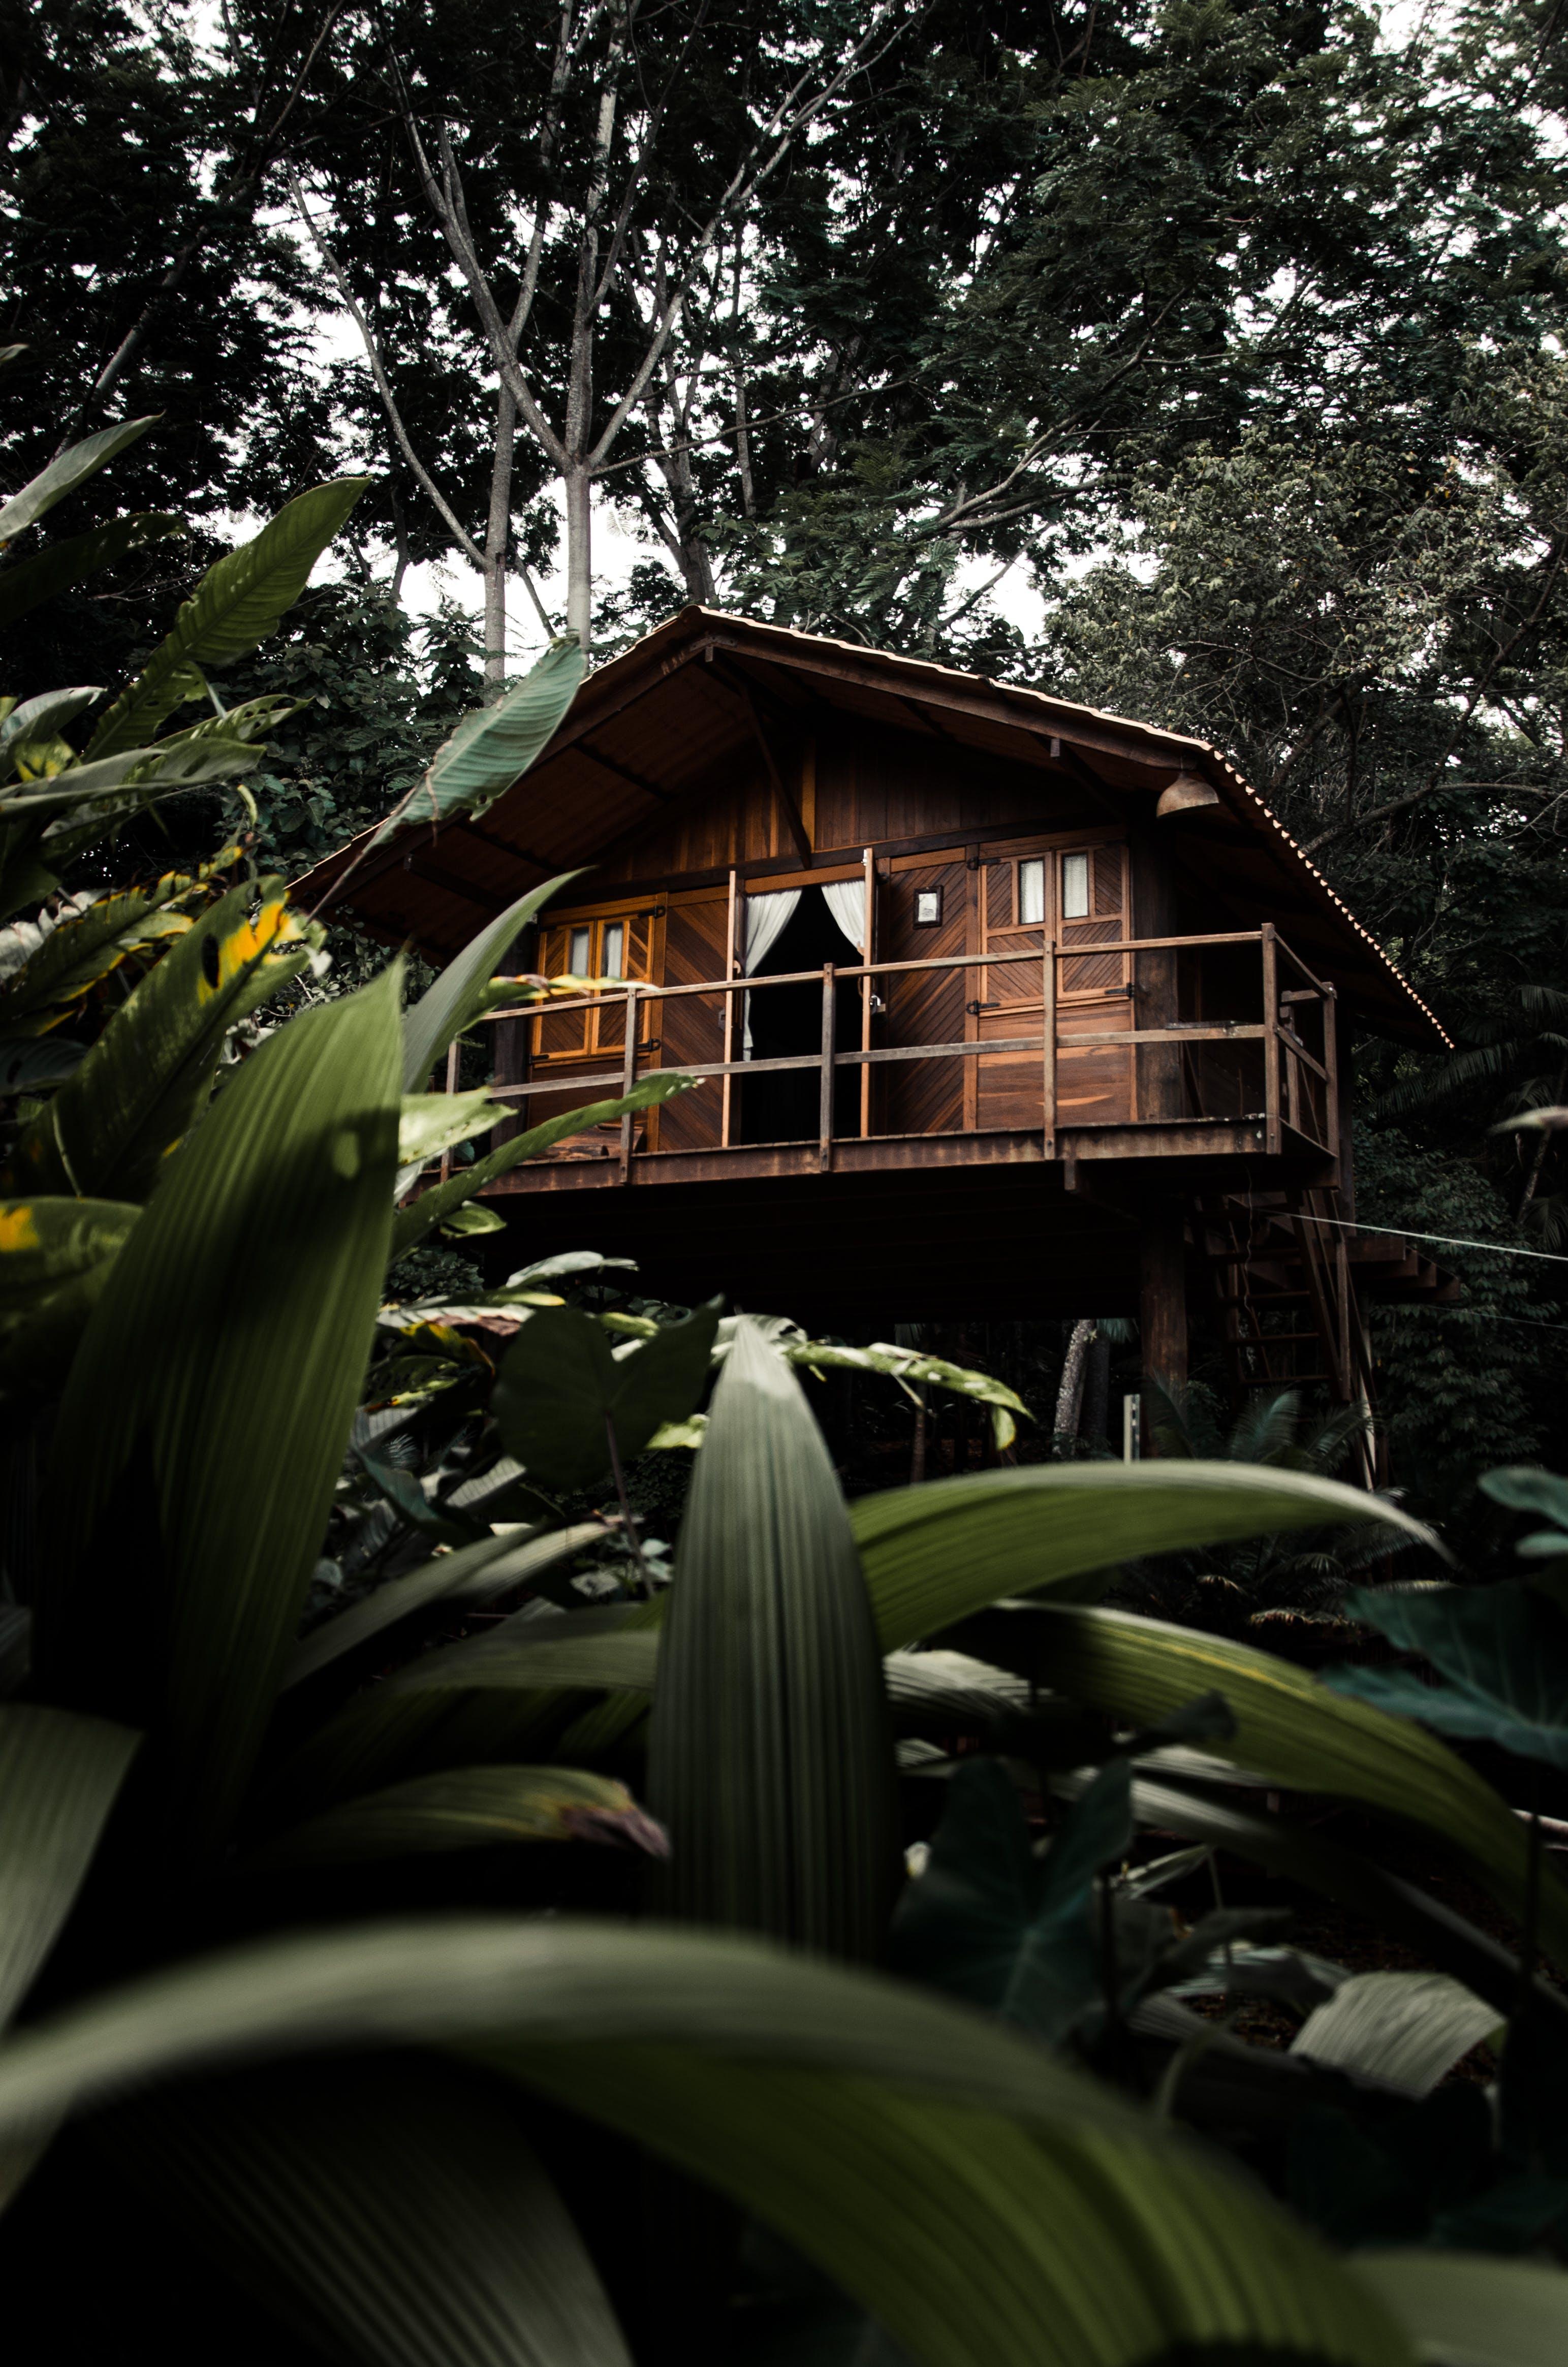 Kostenloses Stock Foto zu architektur, blätter, bungalow, gebäude